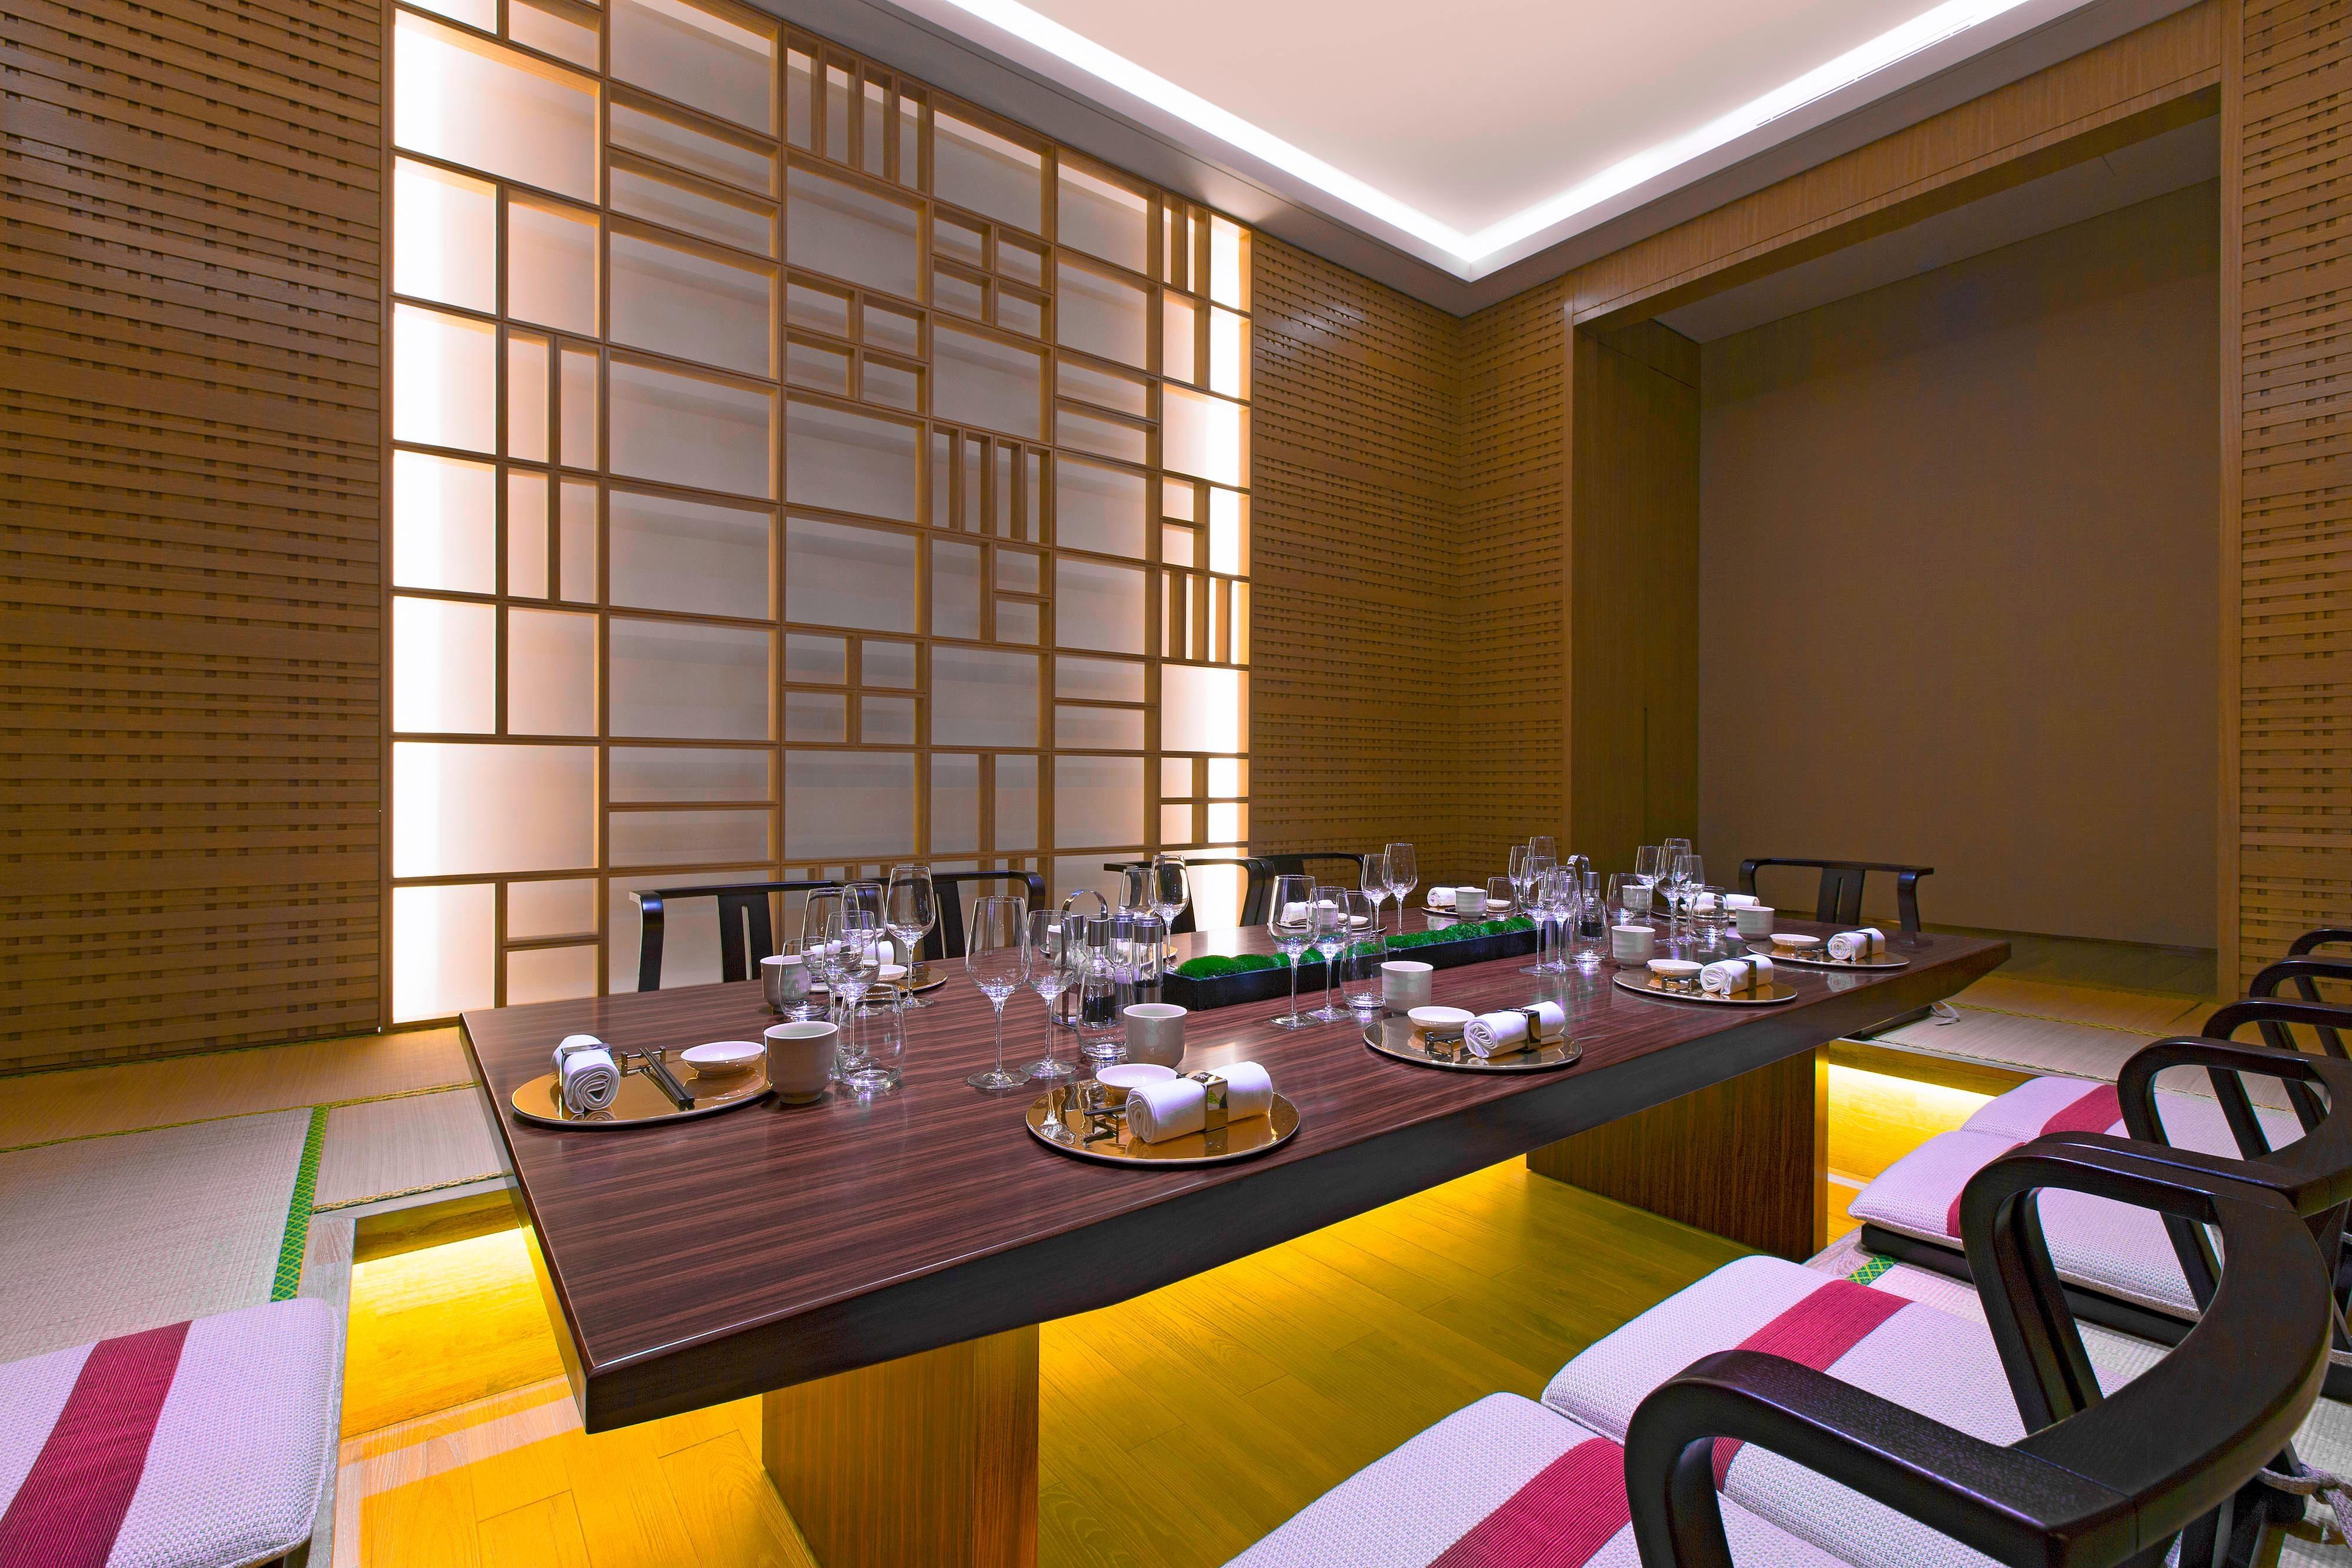 MAI - Tatami Room